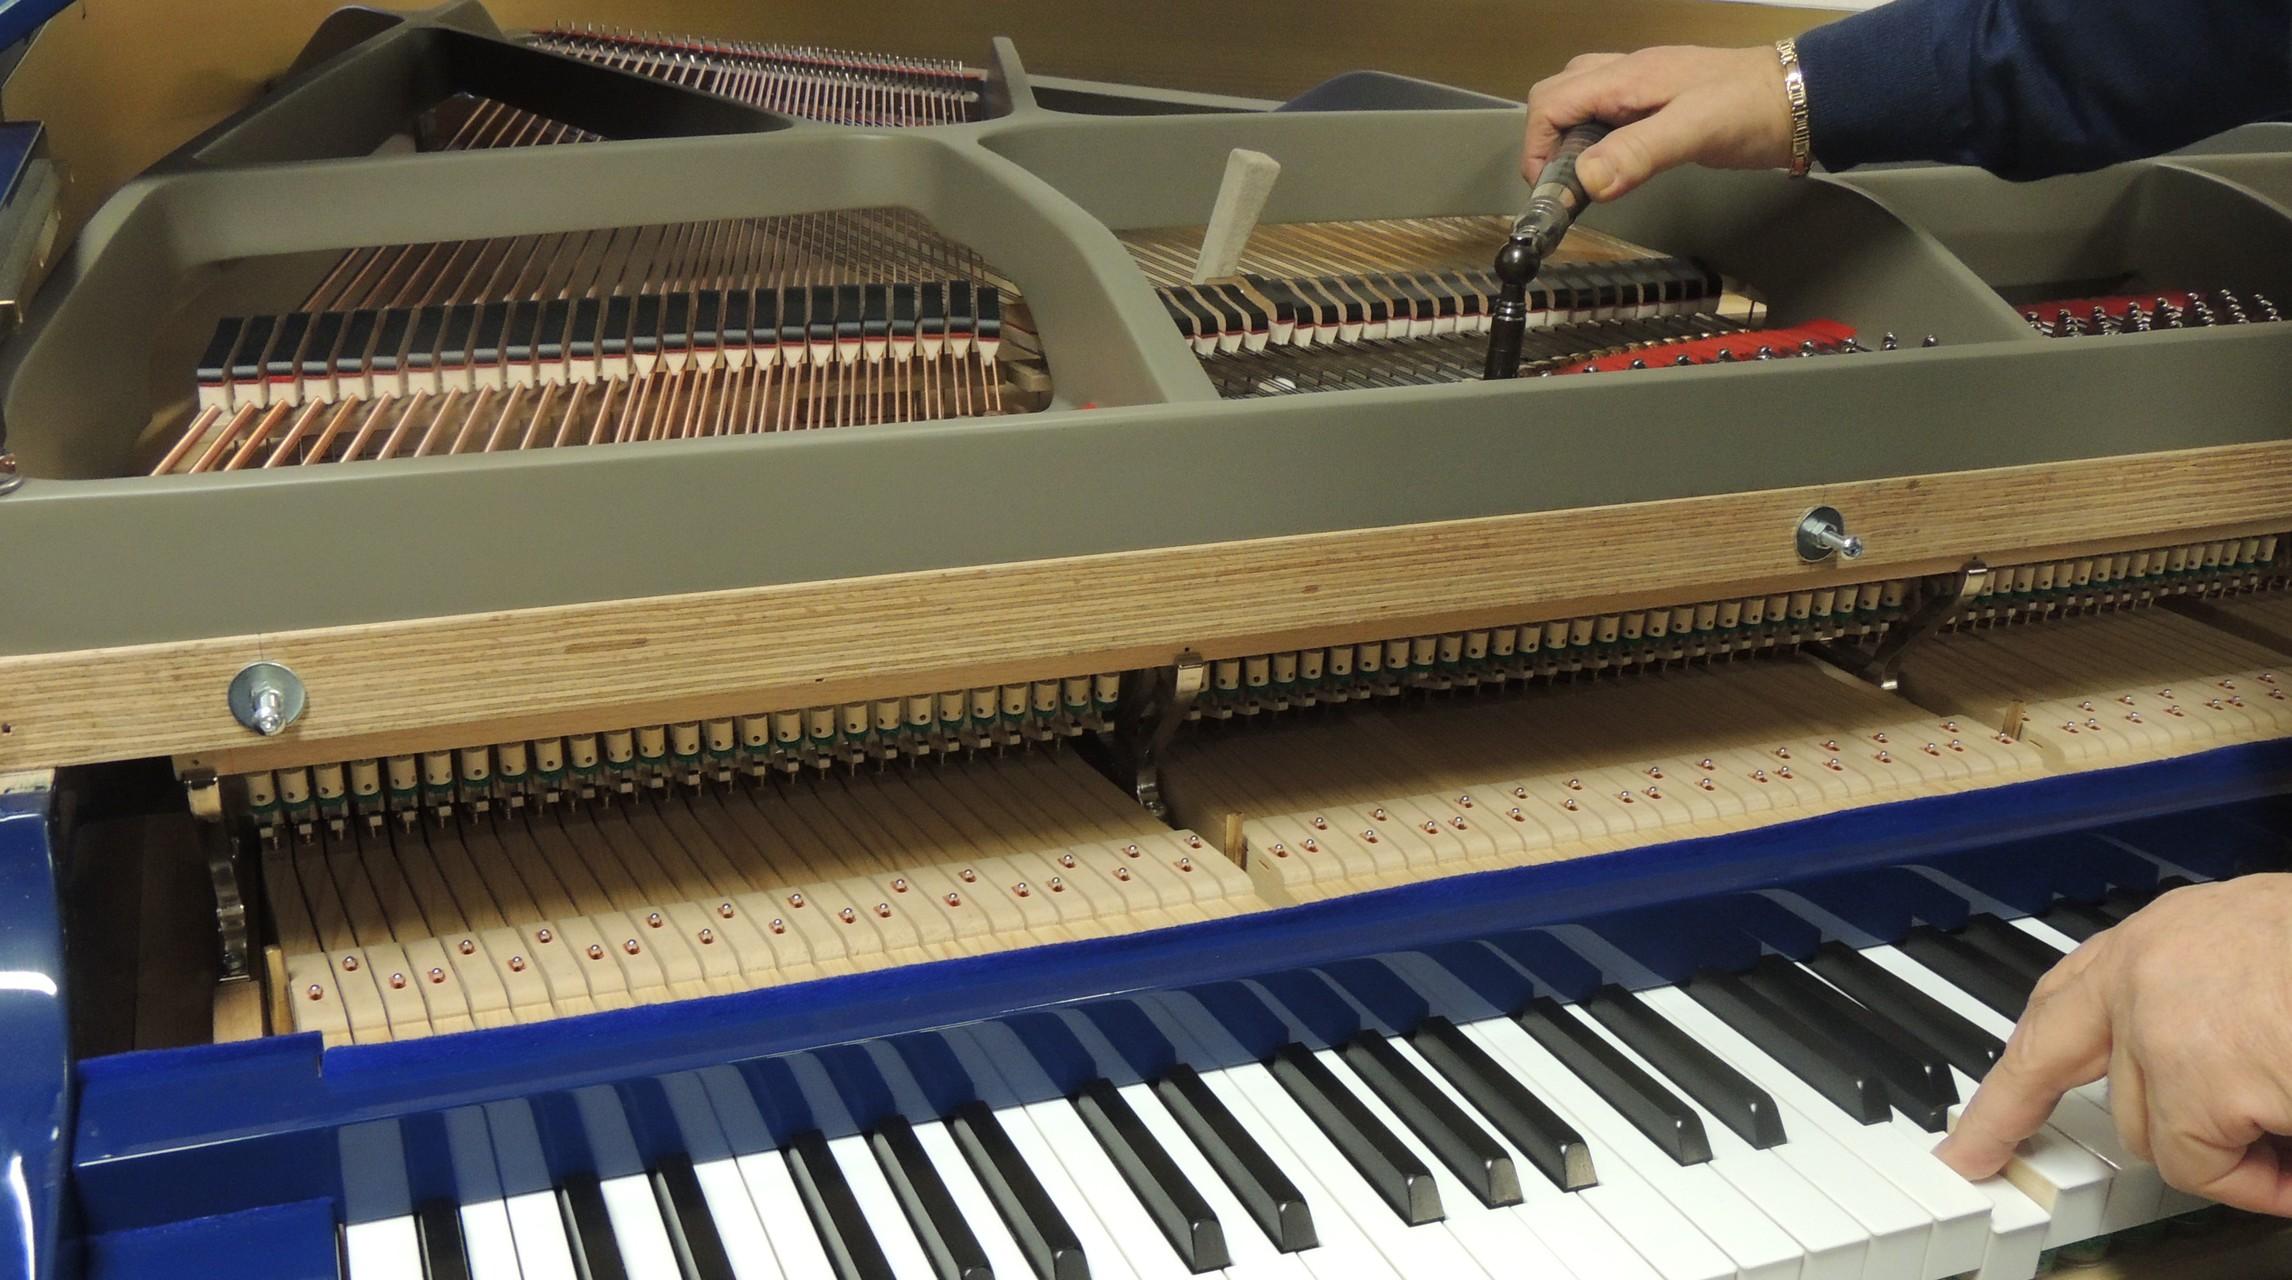 zanta-pianoforti-costruttori-di-strumenti-tradizionali-camponogara-venezia-thumbnail